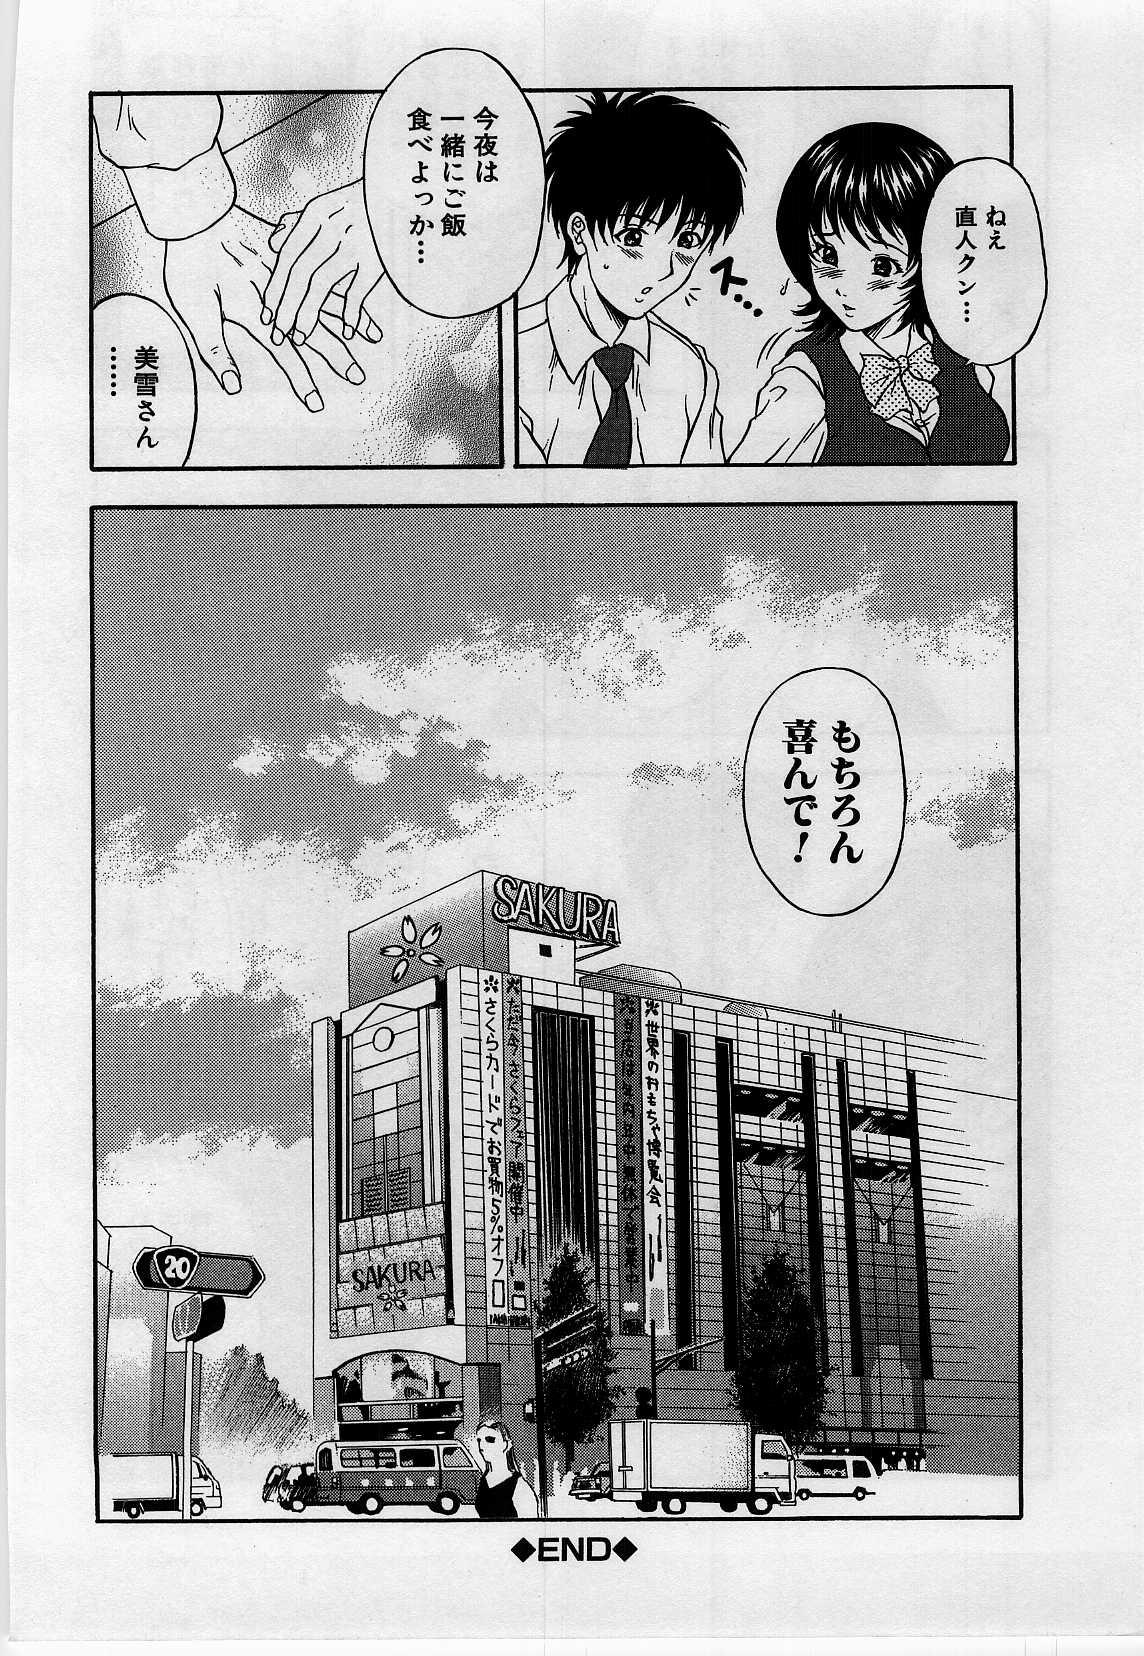 Yokubou no Hako - The Box of the Desire 123